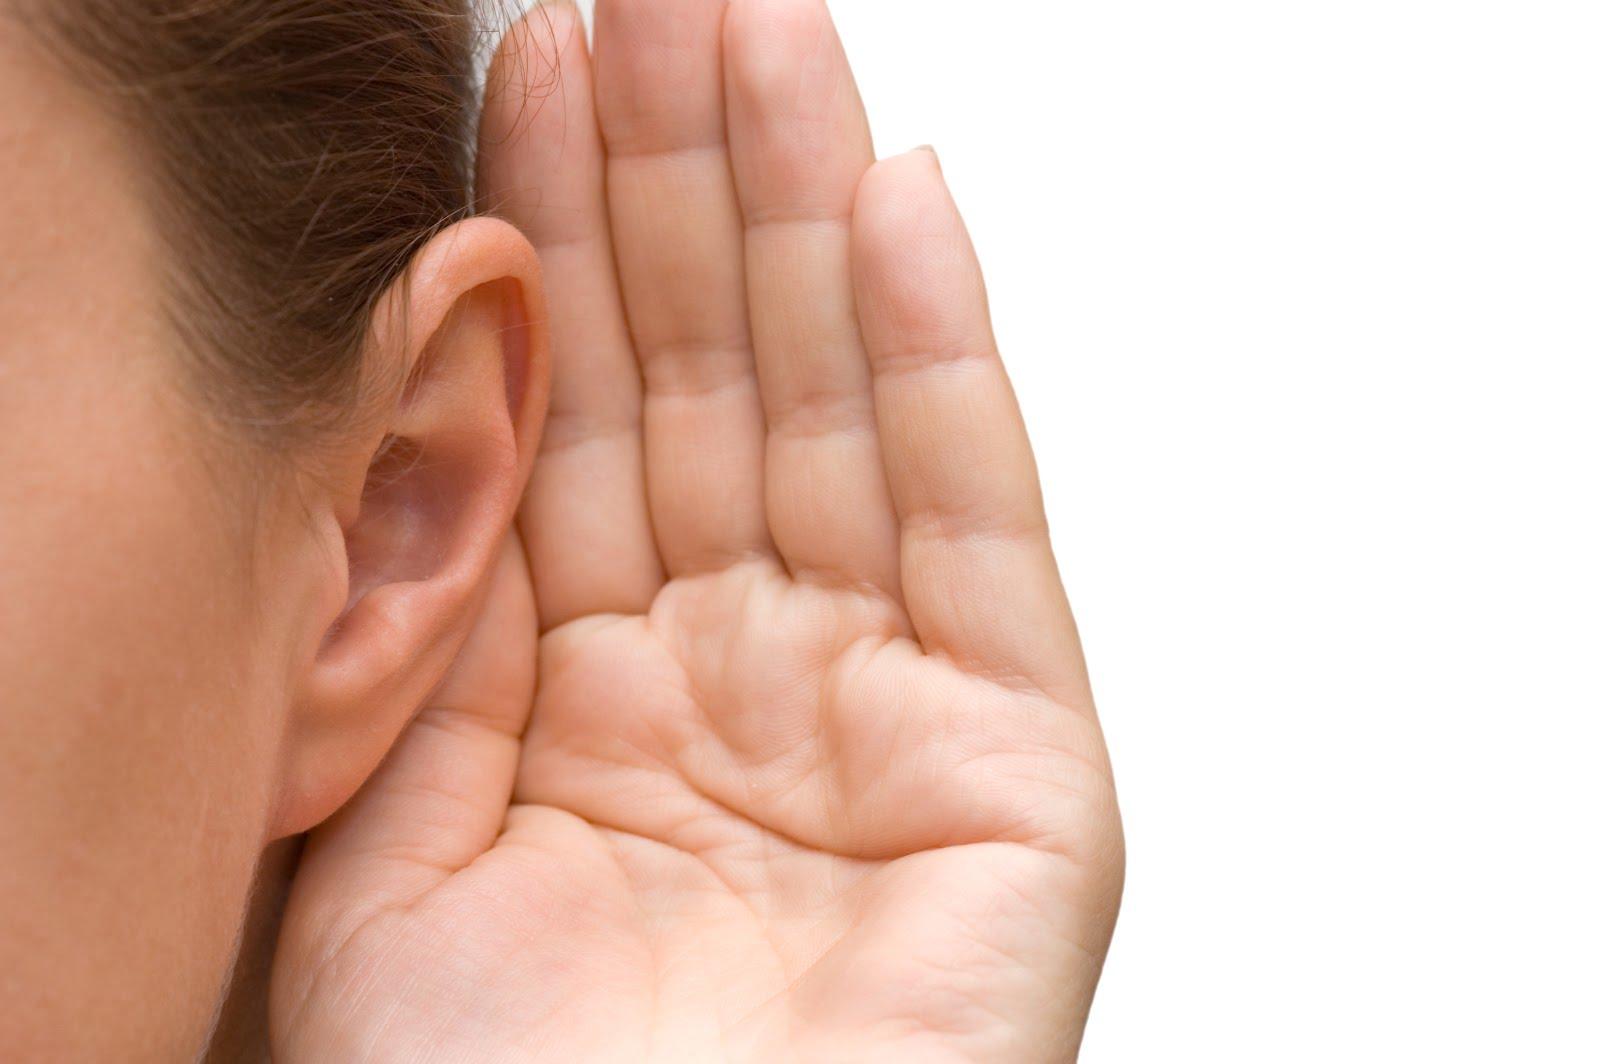 lang nghe cac tieng noi khac nhau - Lắng nghe các tiếng nói khác nhau